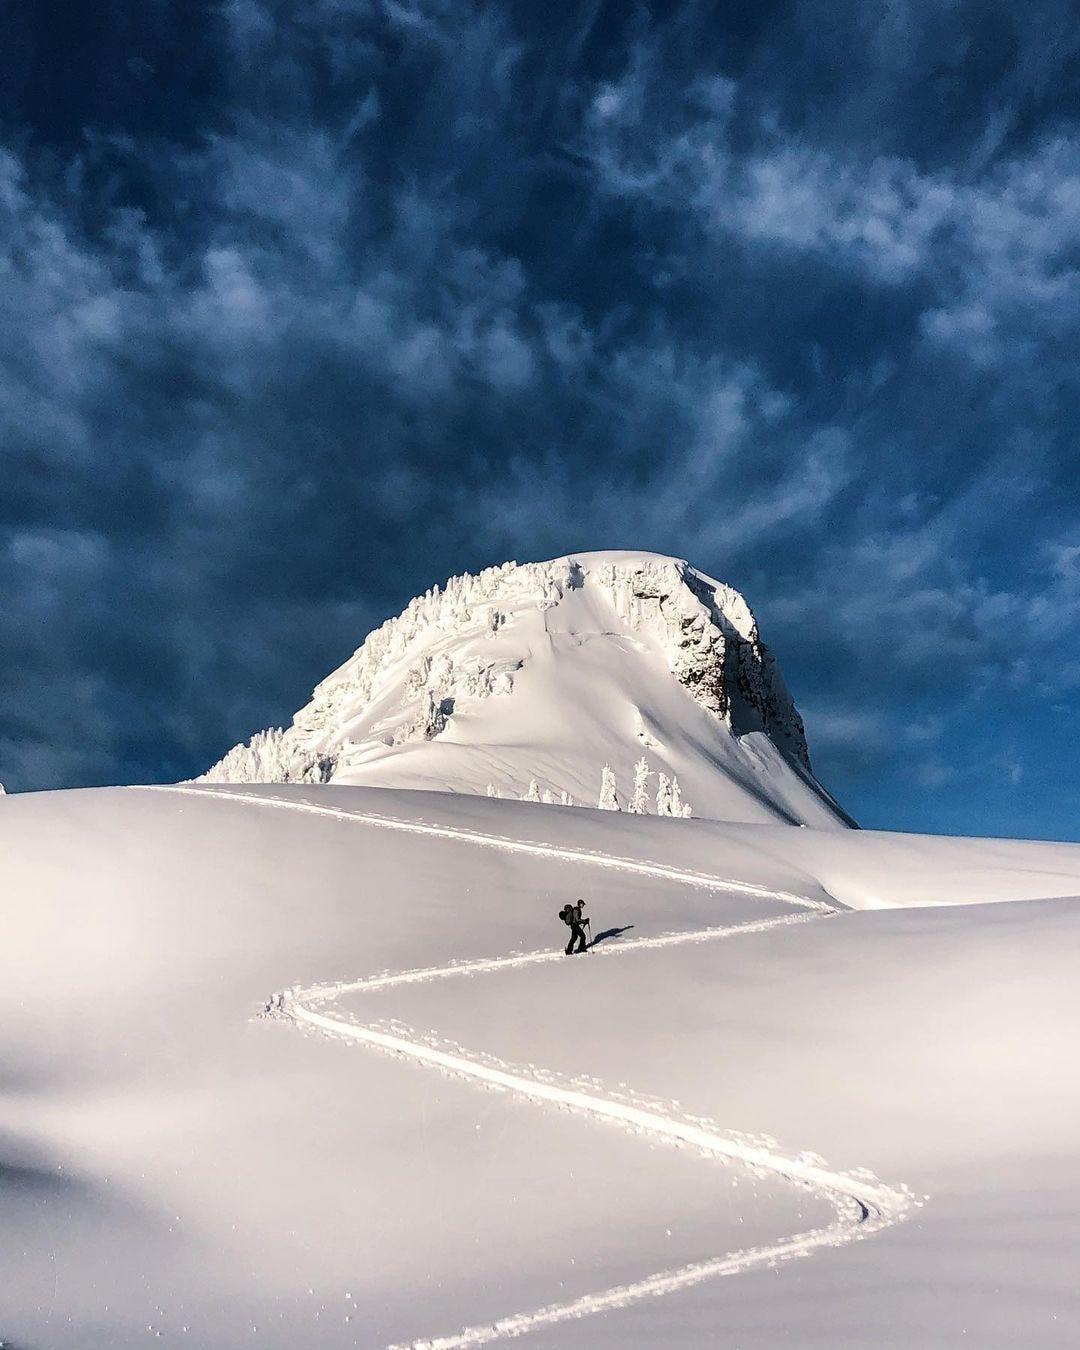 Ski touring up a mountain